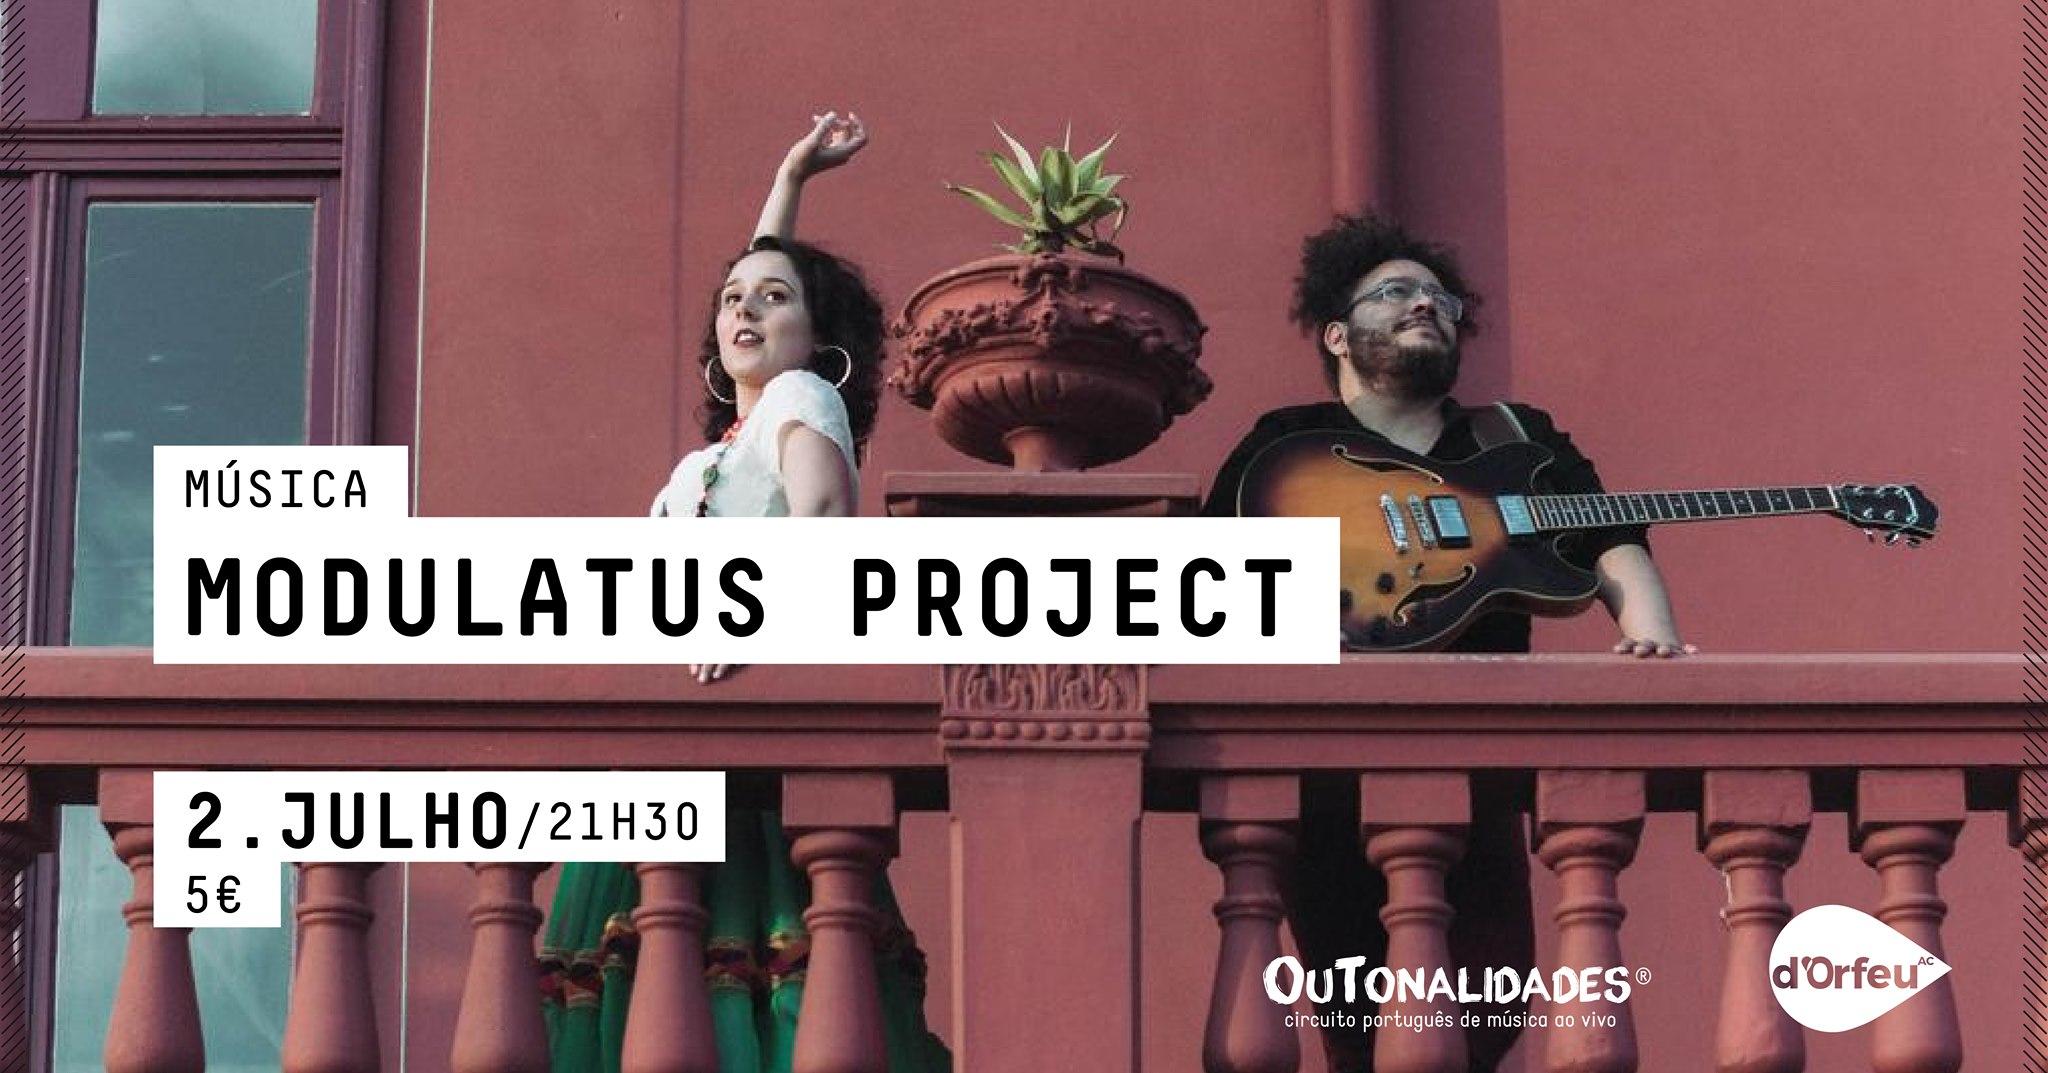 Modulatus Project (Outonalidades / D'Orfeu)